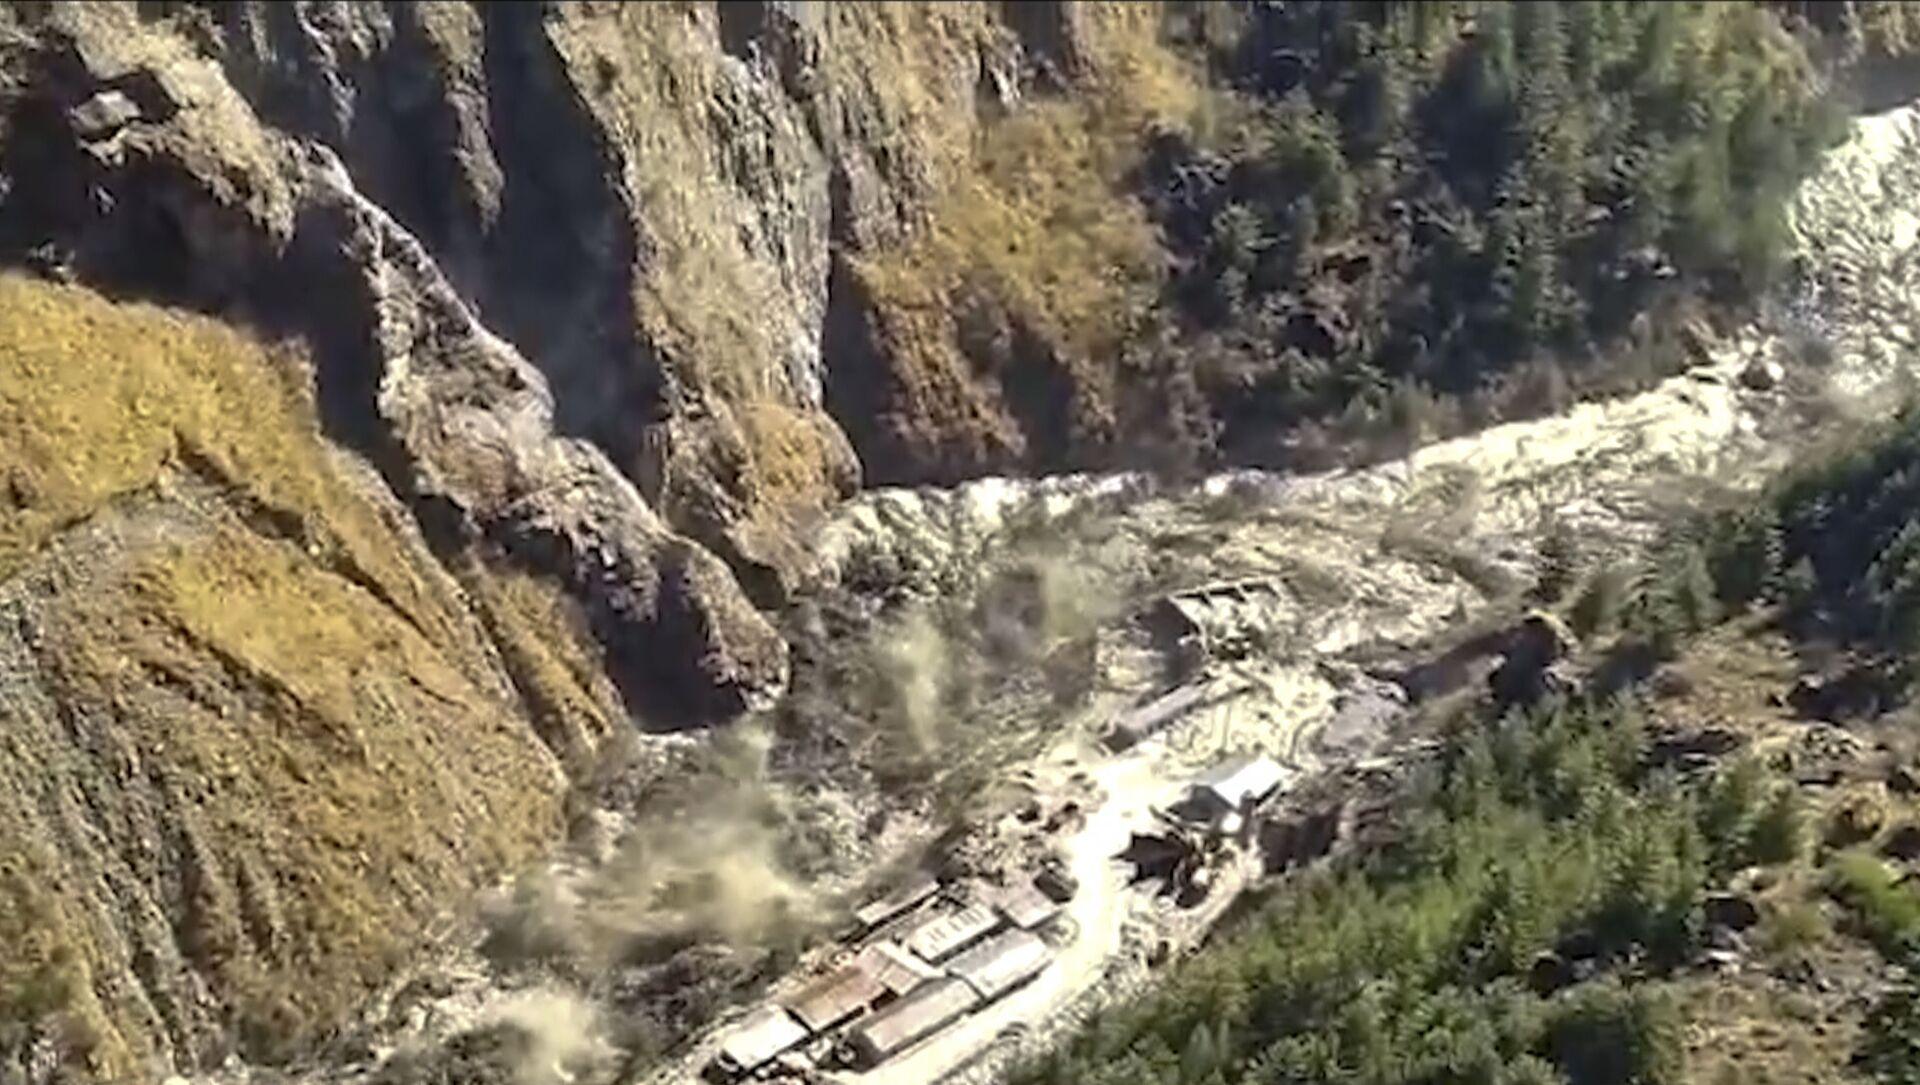 Inundación tras la ruptura de un glaciar del Himalaya (La India) - Sputnik Mundo, 1920, 07.02.2021